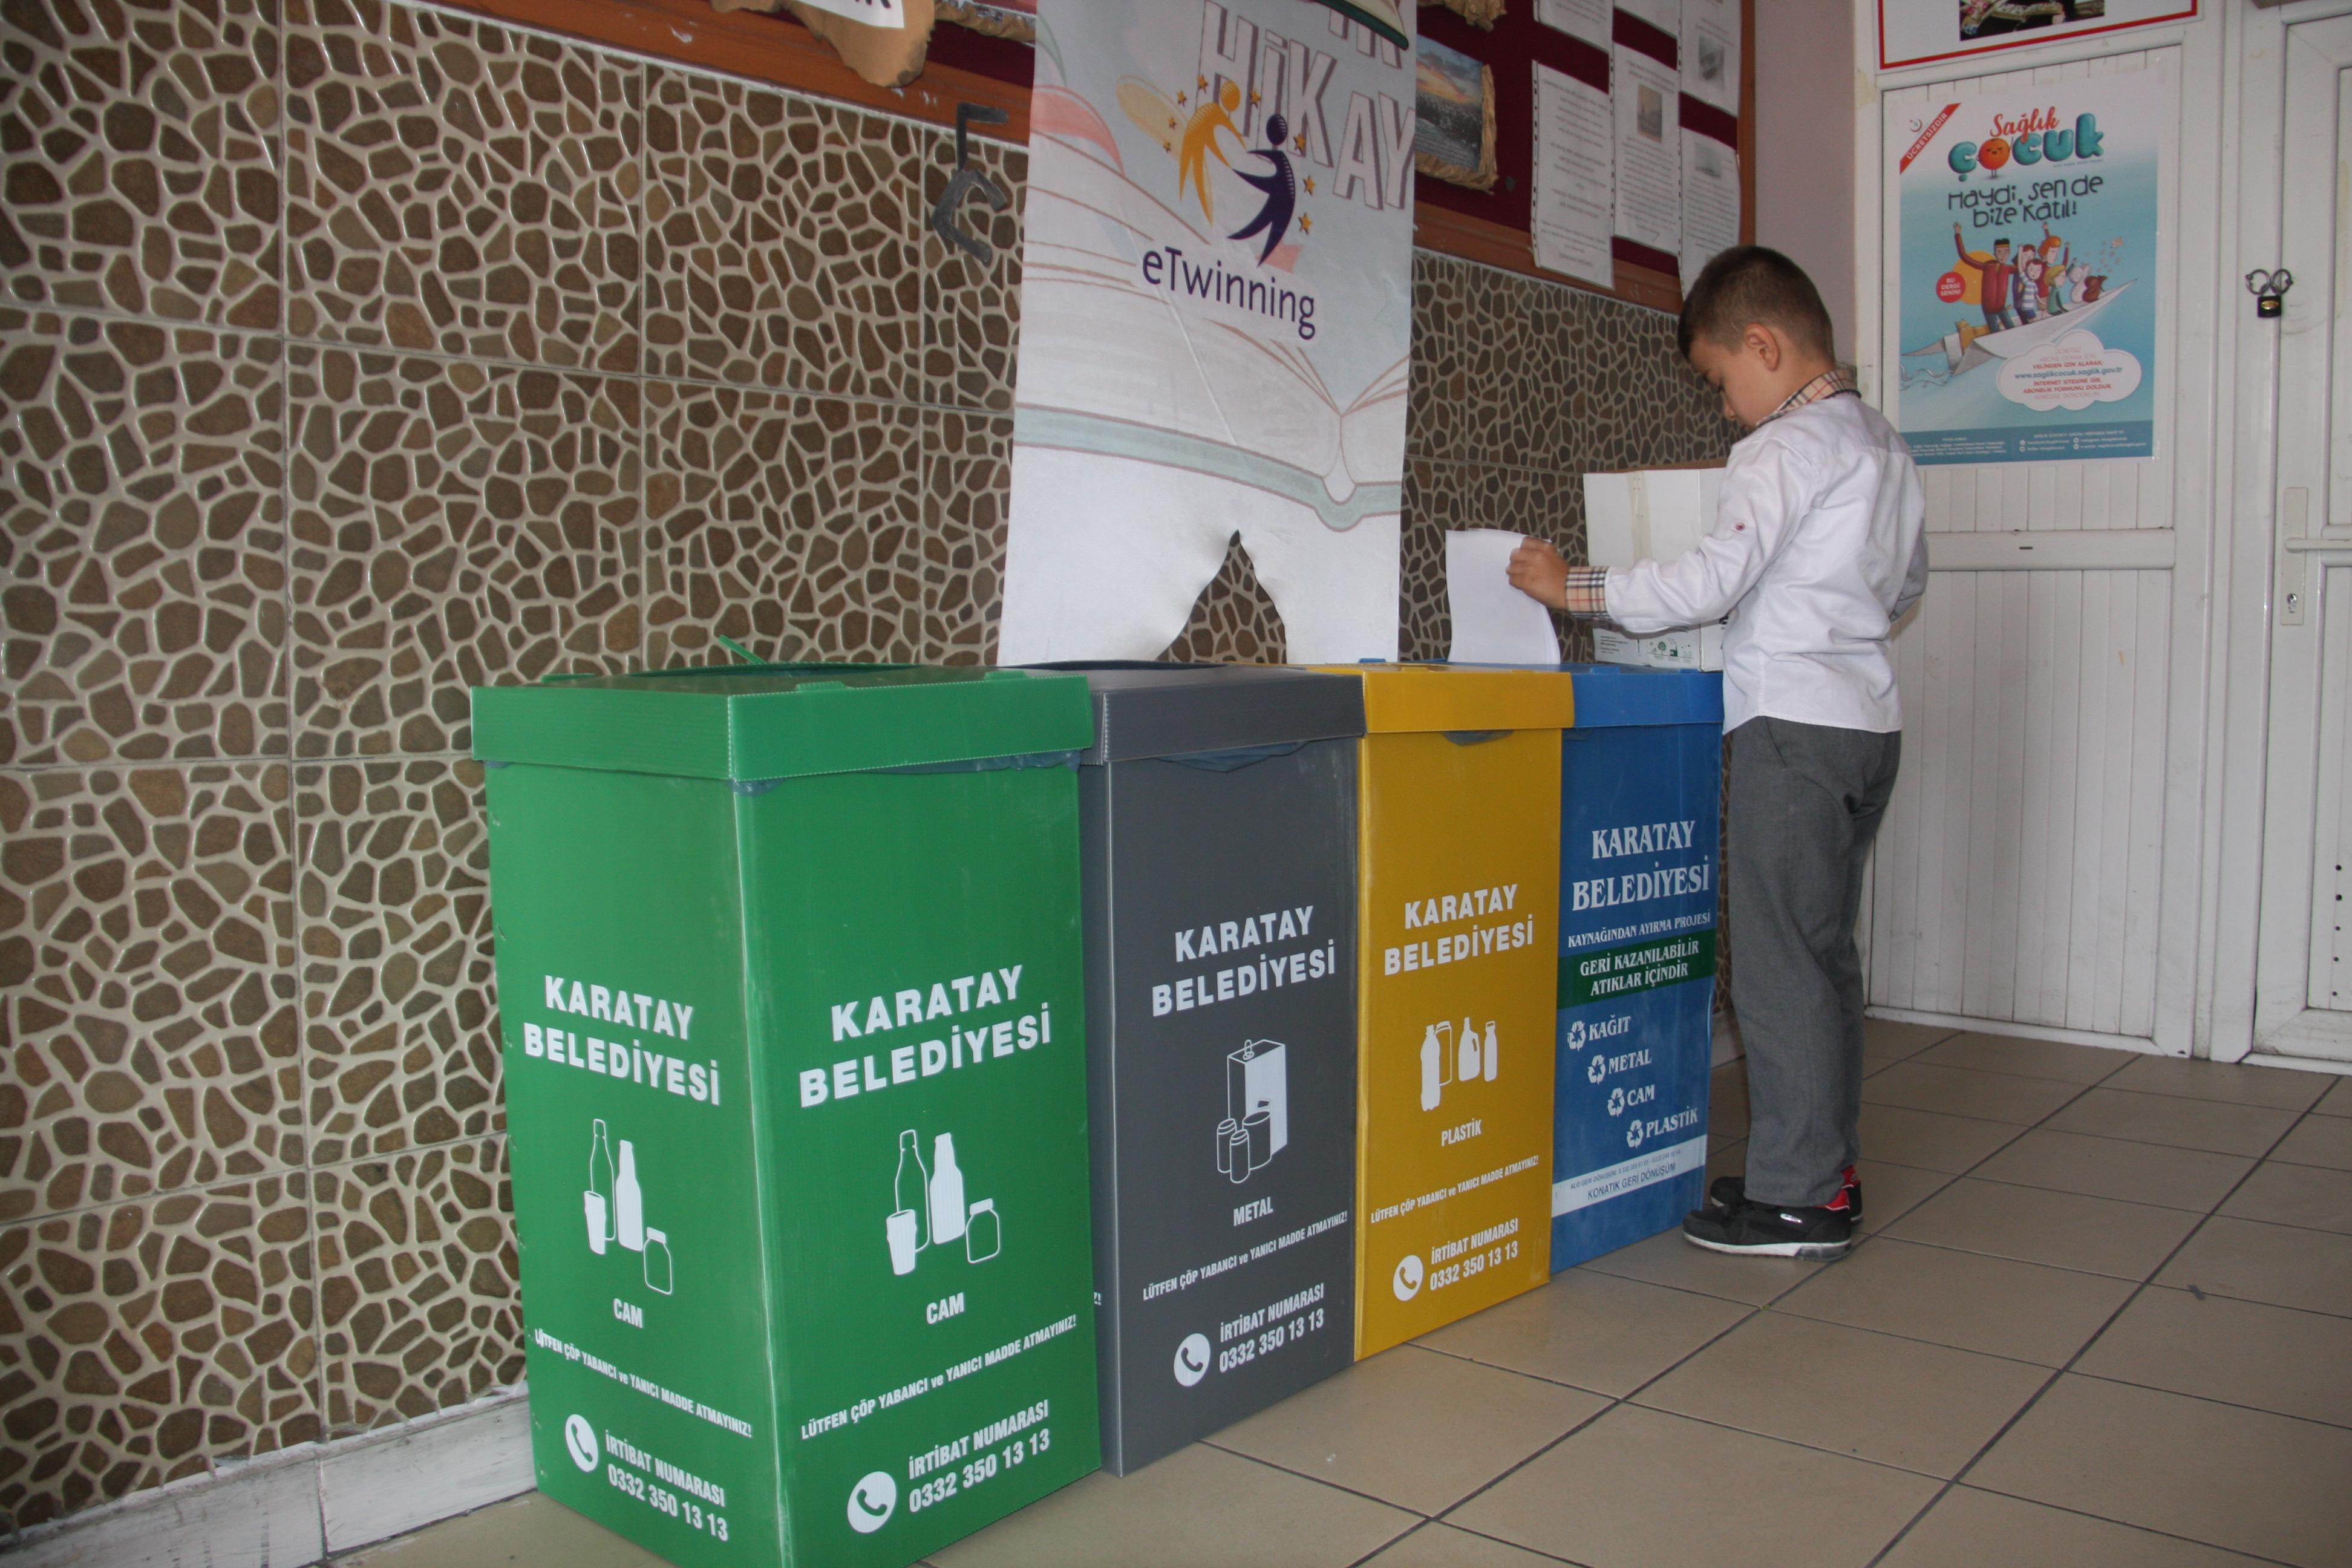 Oyunculardan Emine Erdoğanın sıfır atık projesine destek 9